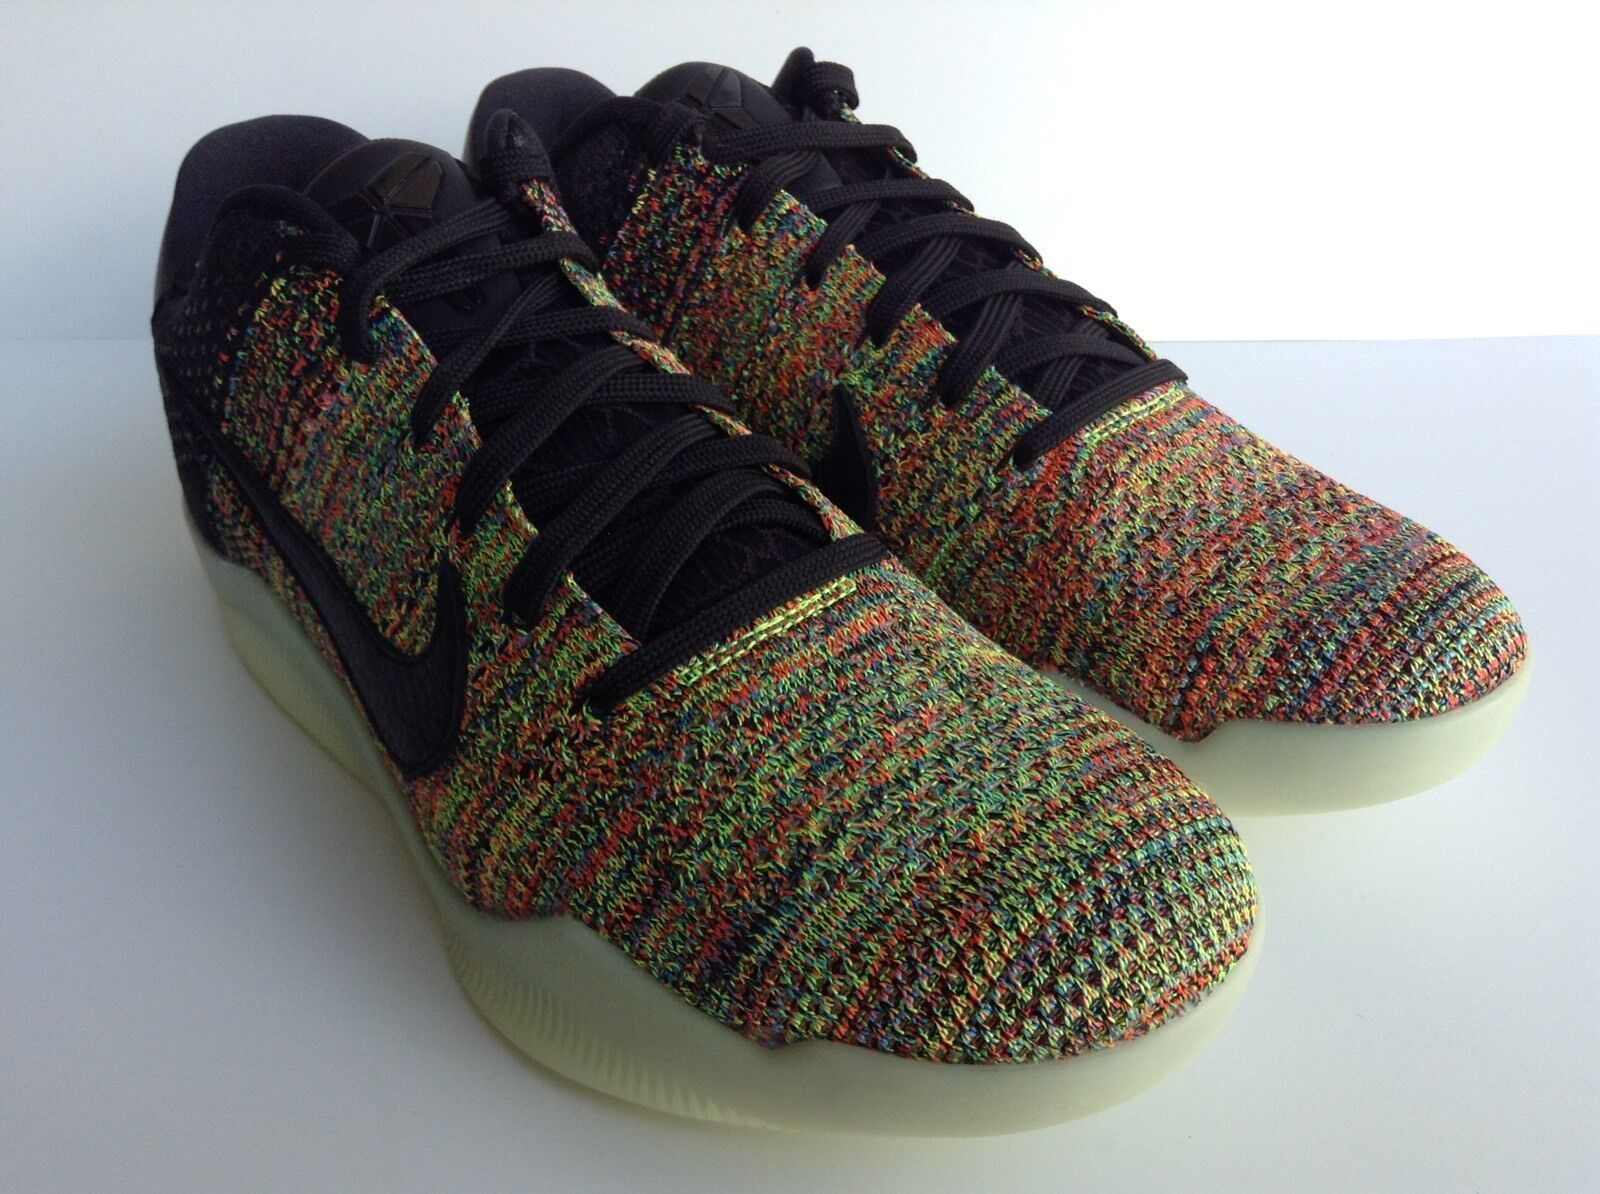 Nike kobe xi 11 elite basso flyknit multi - colore identificativo sz 8 bagliore bevi (903712-993)